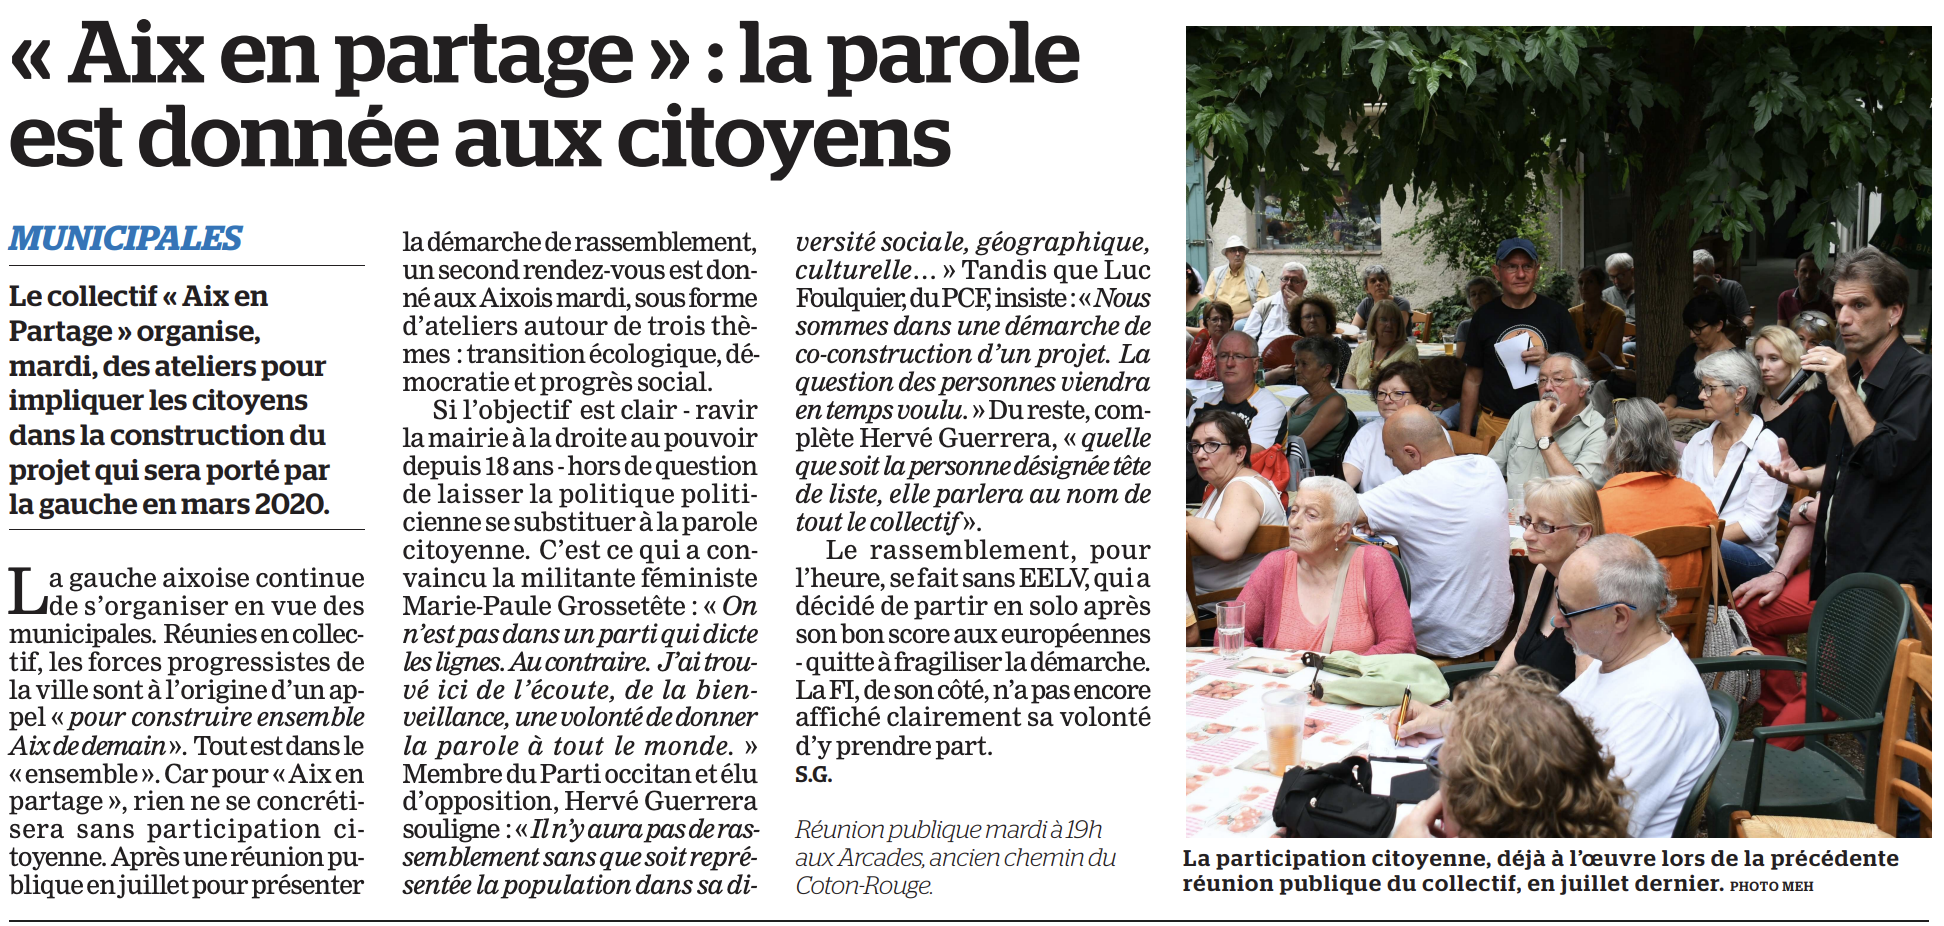 Le fond avant les égos : La Marseillaise 6 septembre